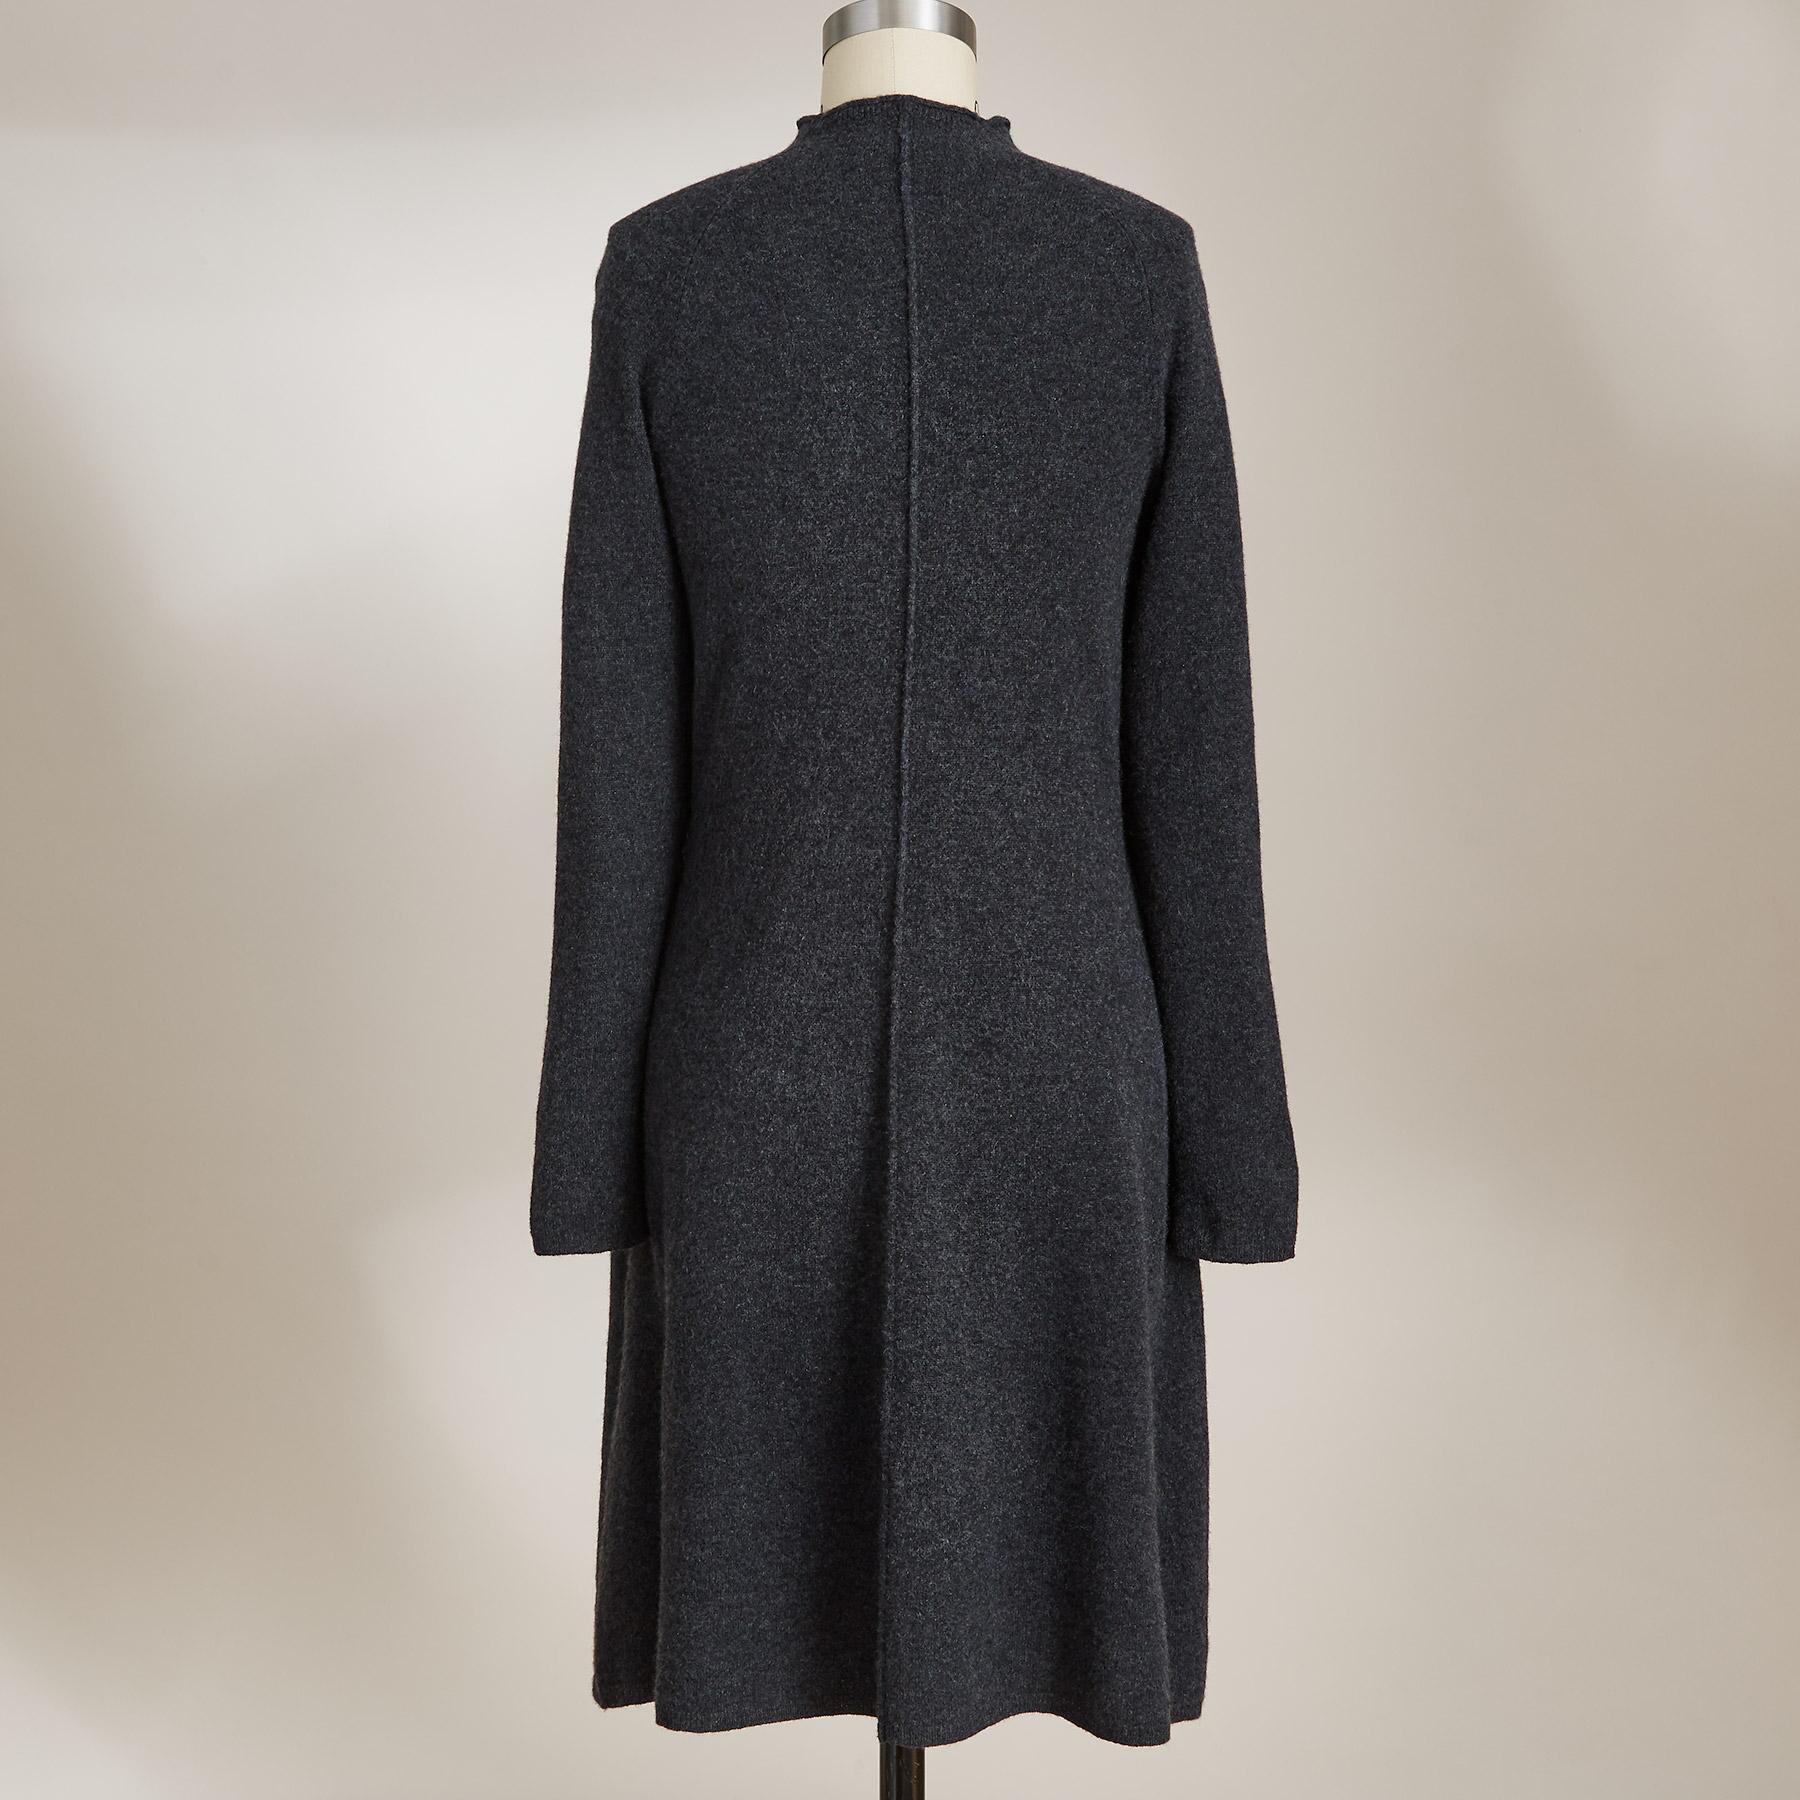 CRISSY CASHMERE BEAUTY DRESS PETIT: View 2